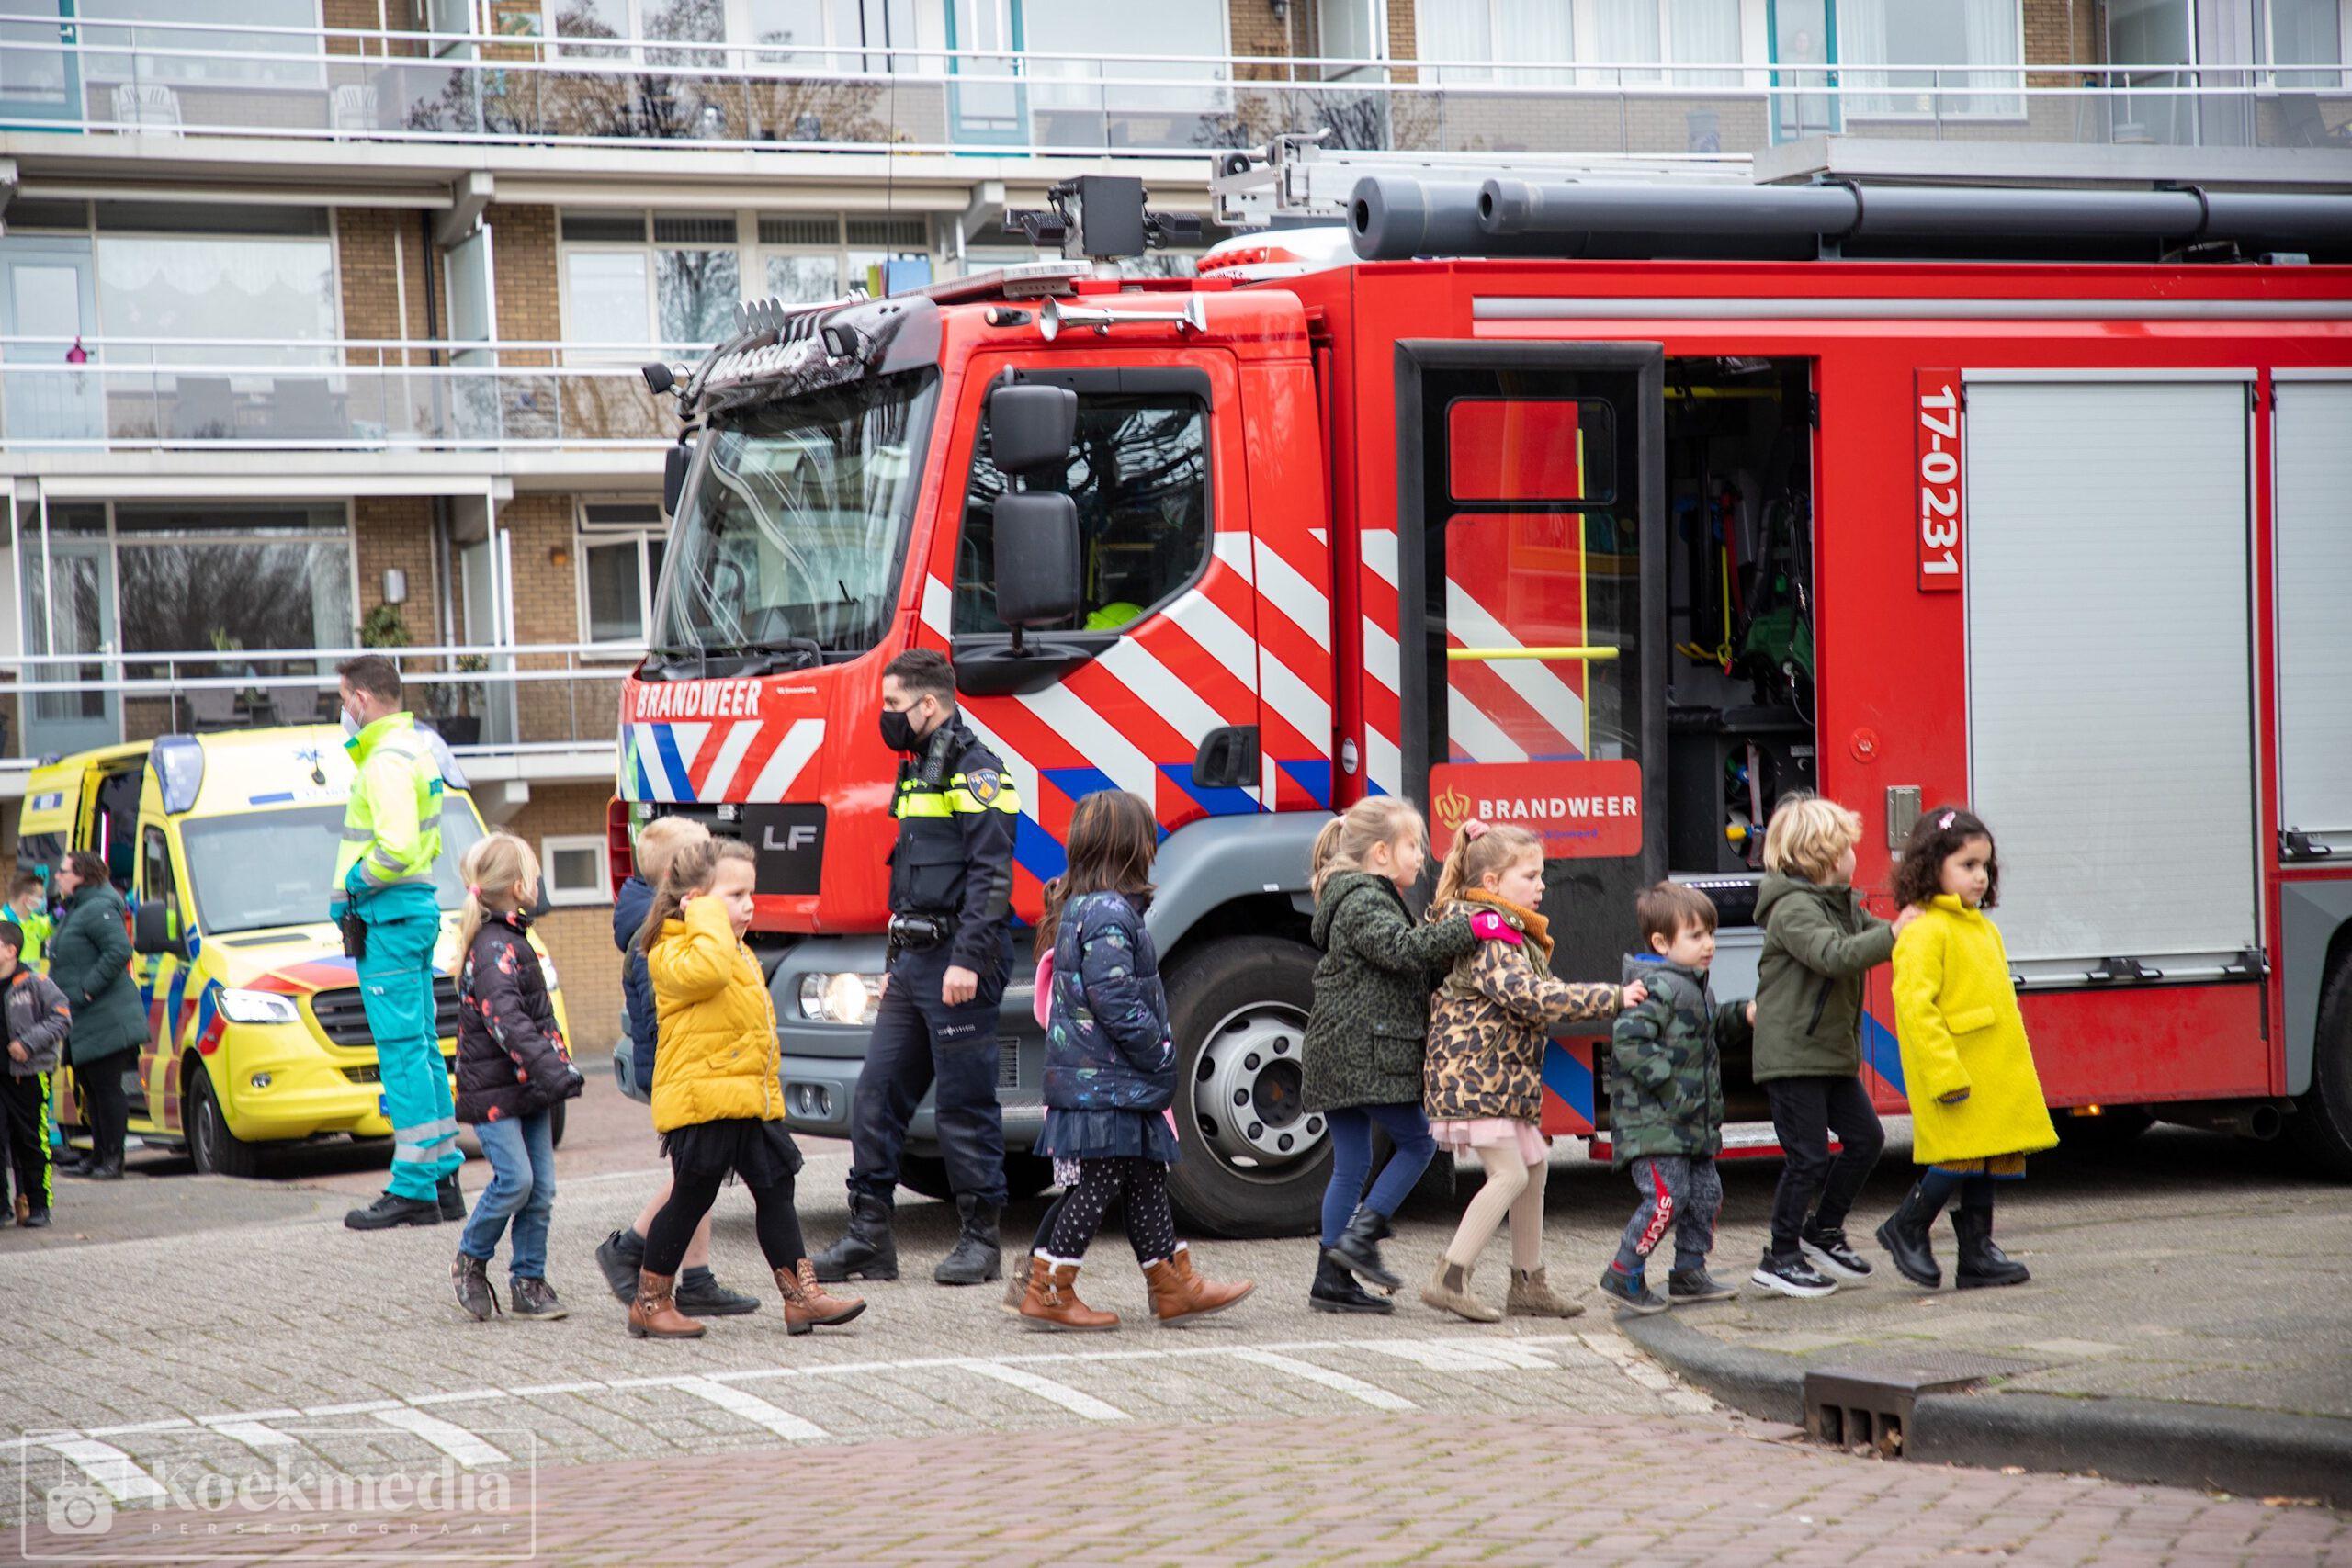 Basisschool de Regenboog ontruimd na brandlucht